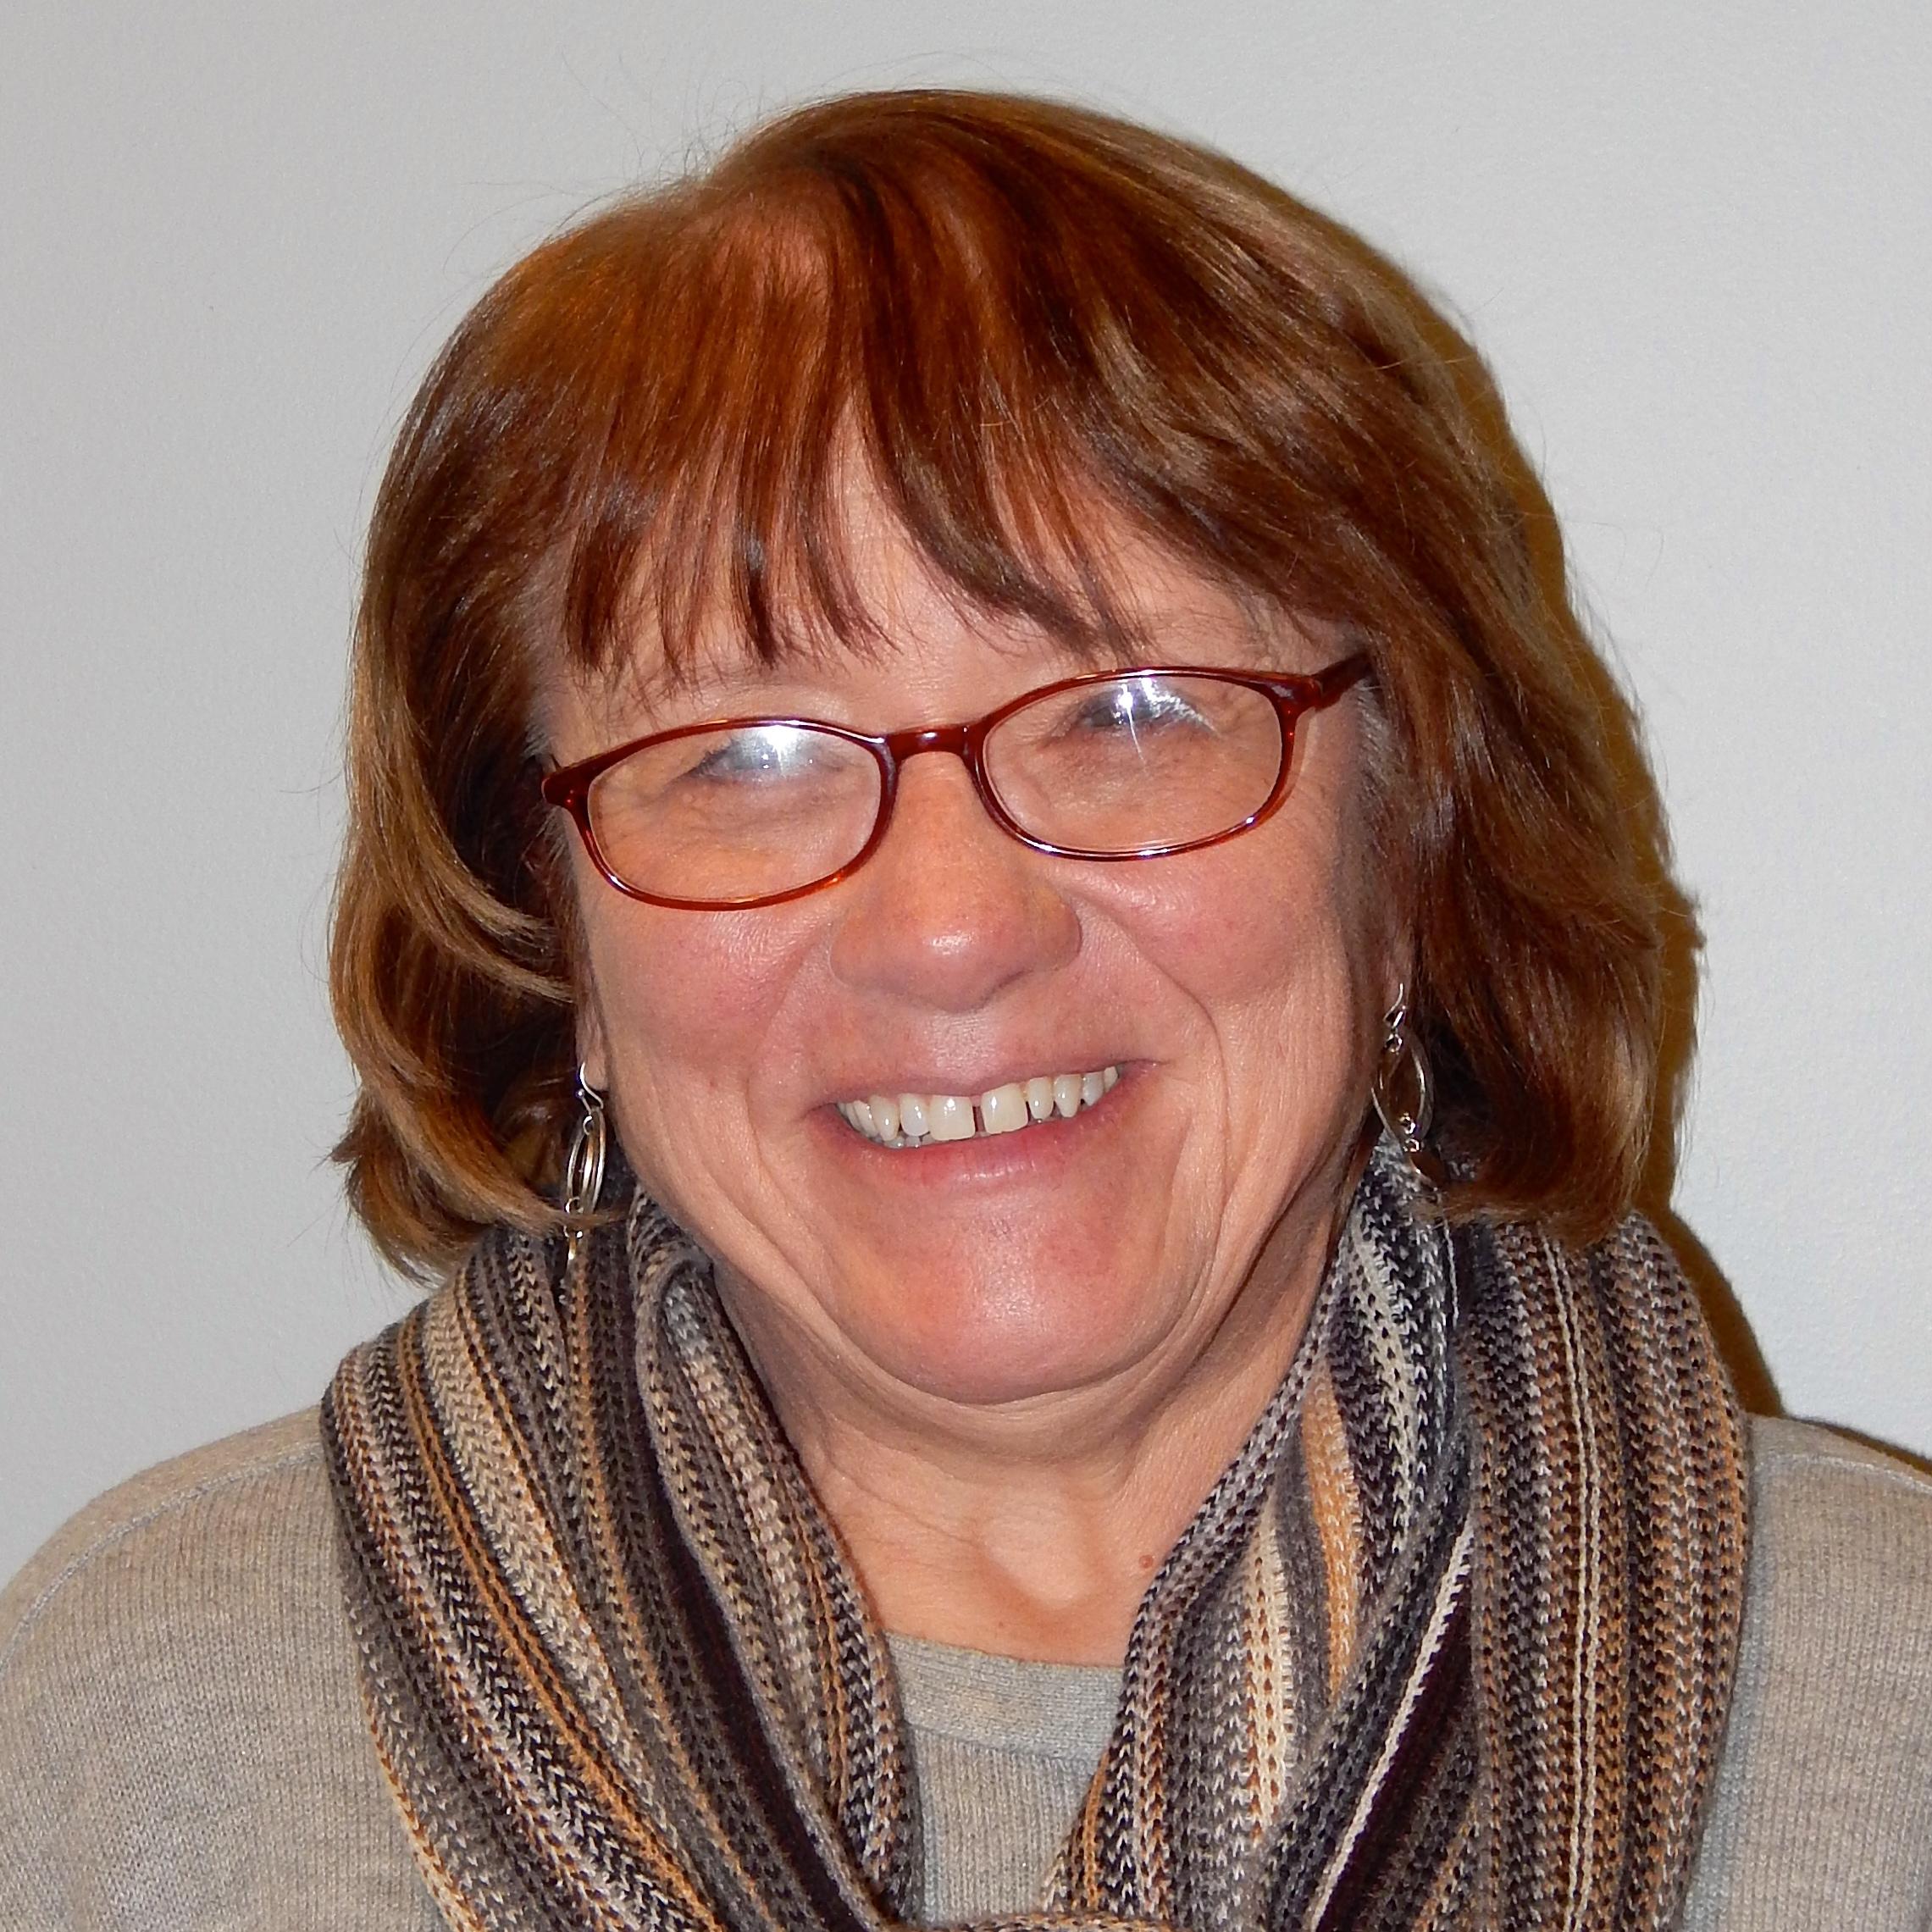 Denise Filiatrault pictures